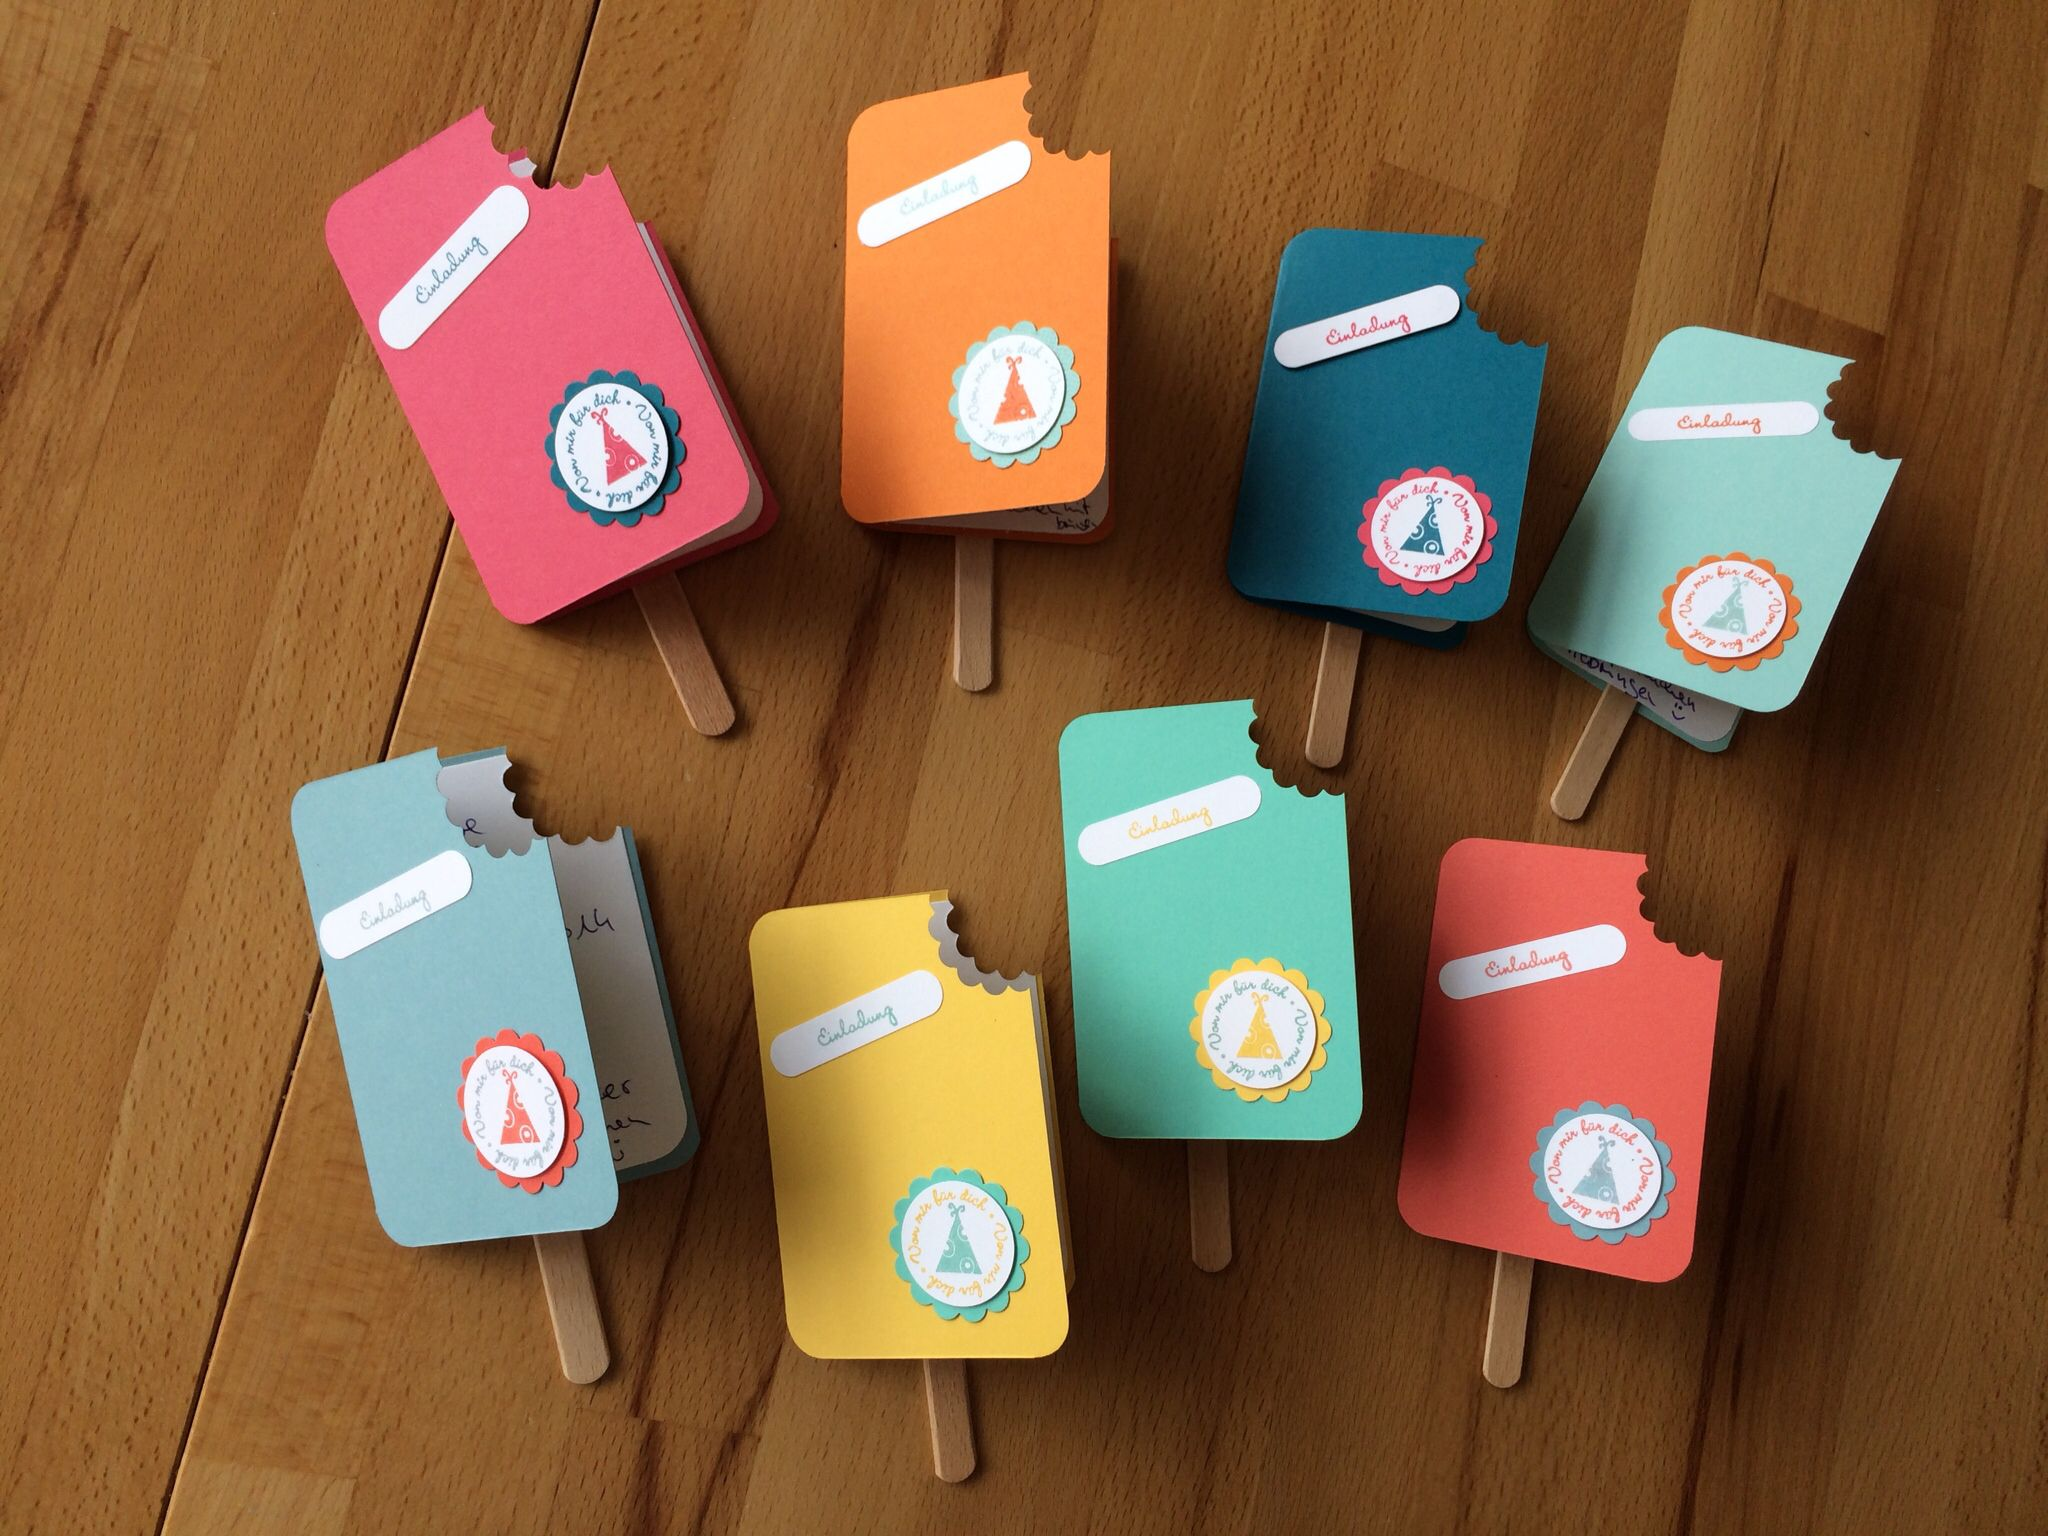 einladungskarten zum kindergeburtstag diy pinterest einladungskarten einladungen und spiel. Black Bedroom Furniture Sets. Home Design Ideas